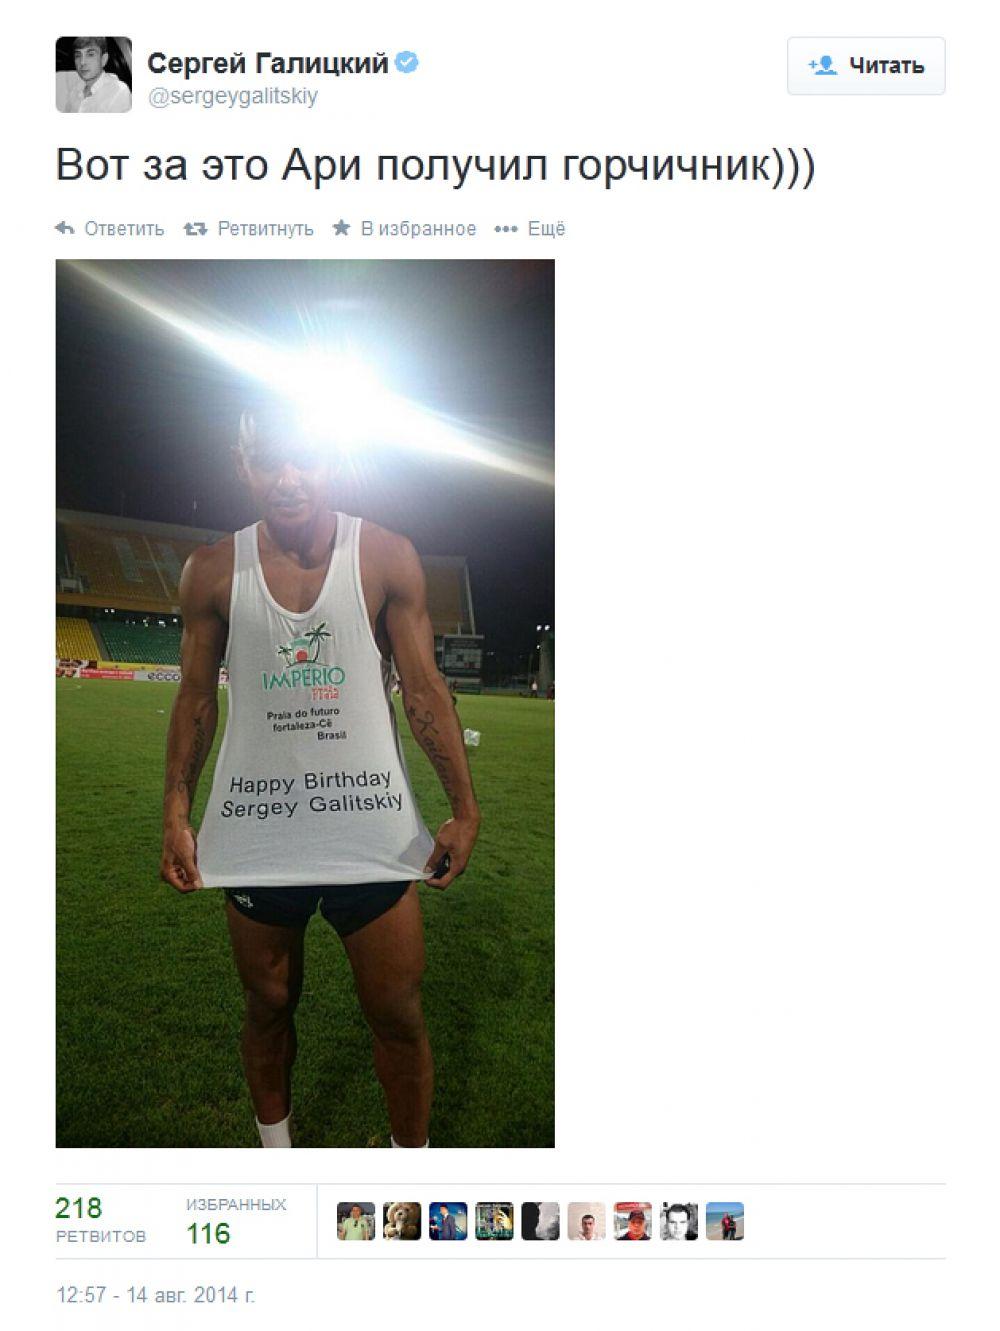 А игрок «Краснодара» Ари решил на своей майке разместить поздравление с днем рождения для владельца «быков» Сергея Галицкого.